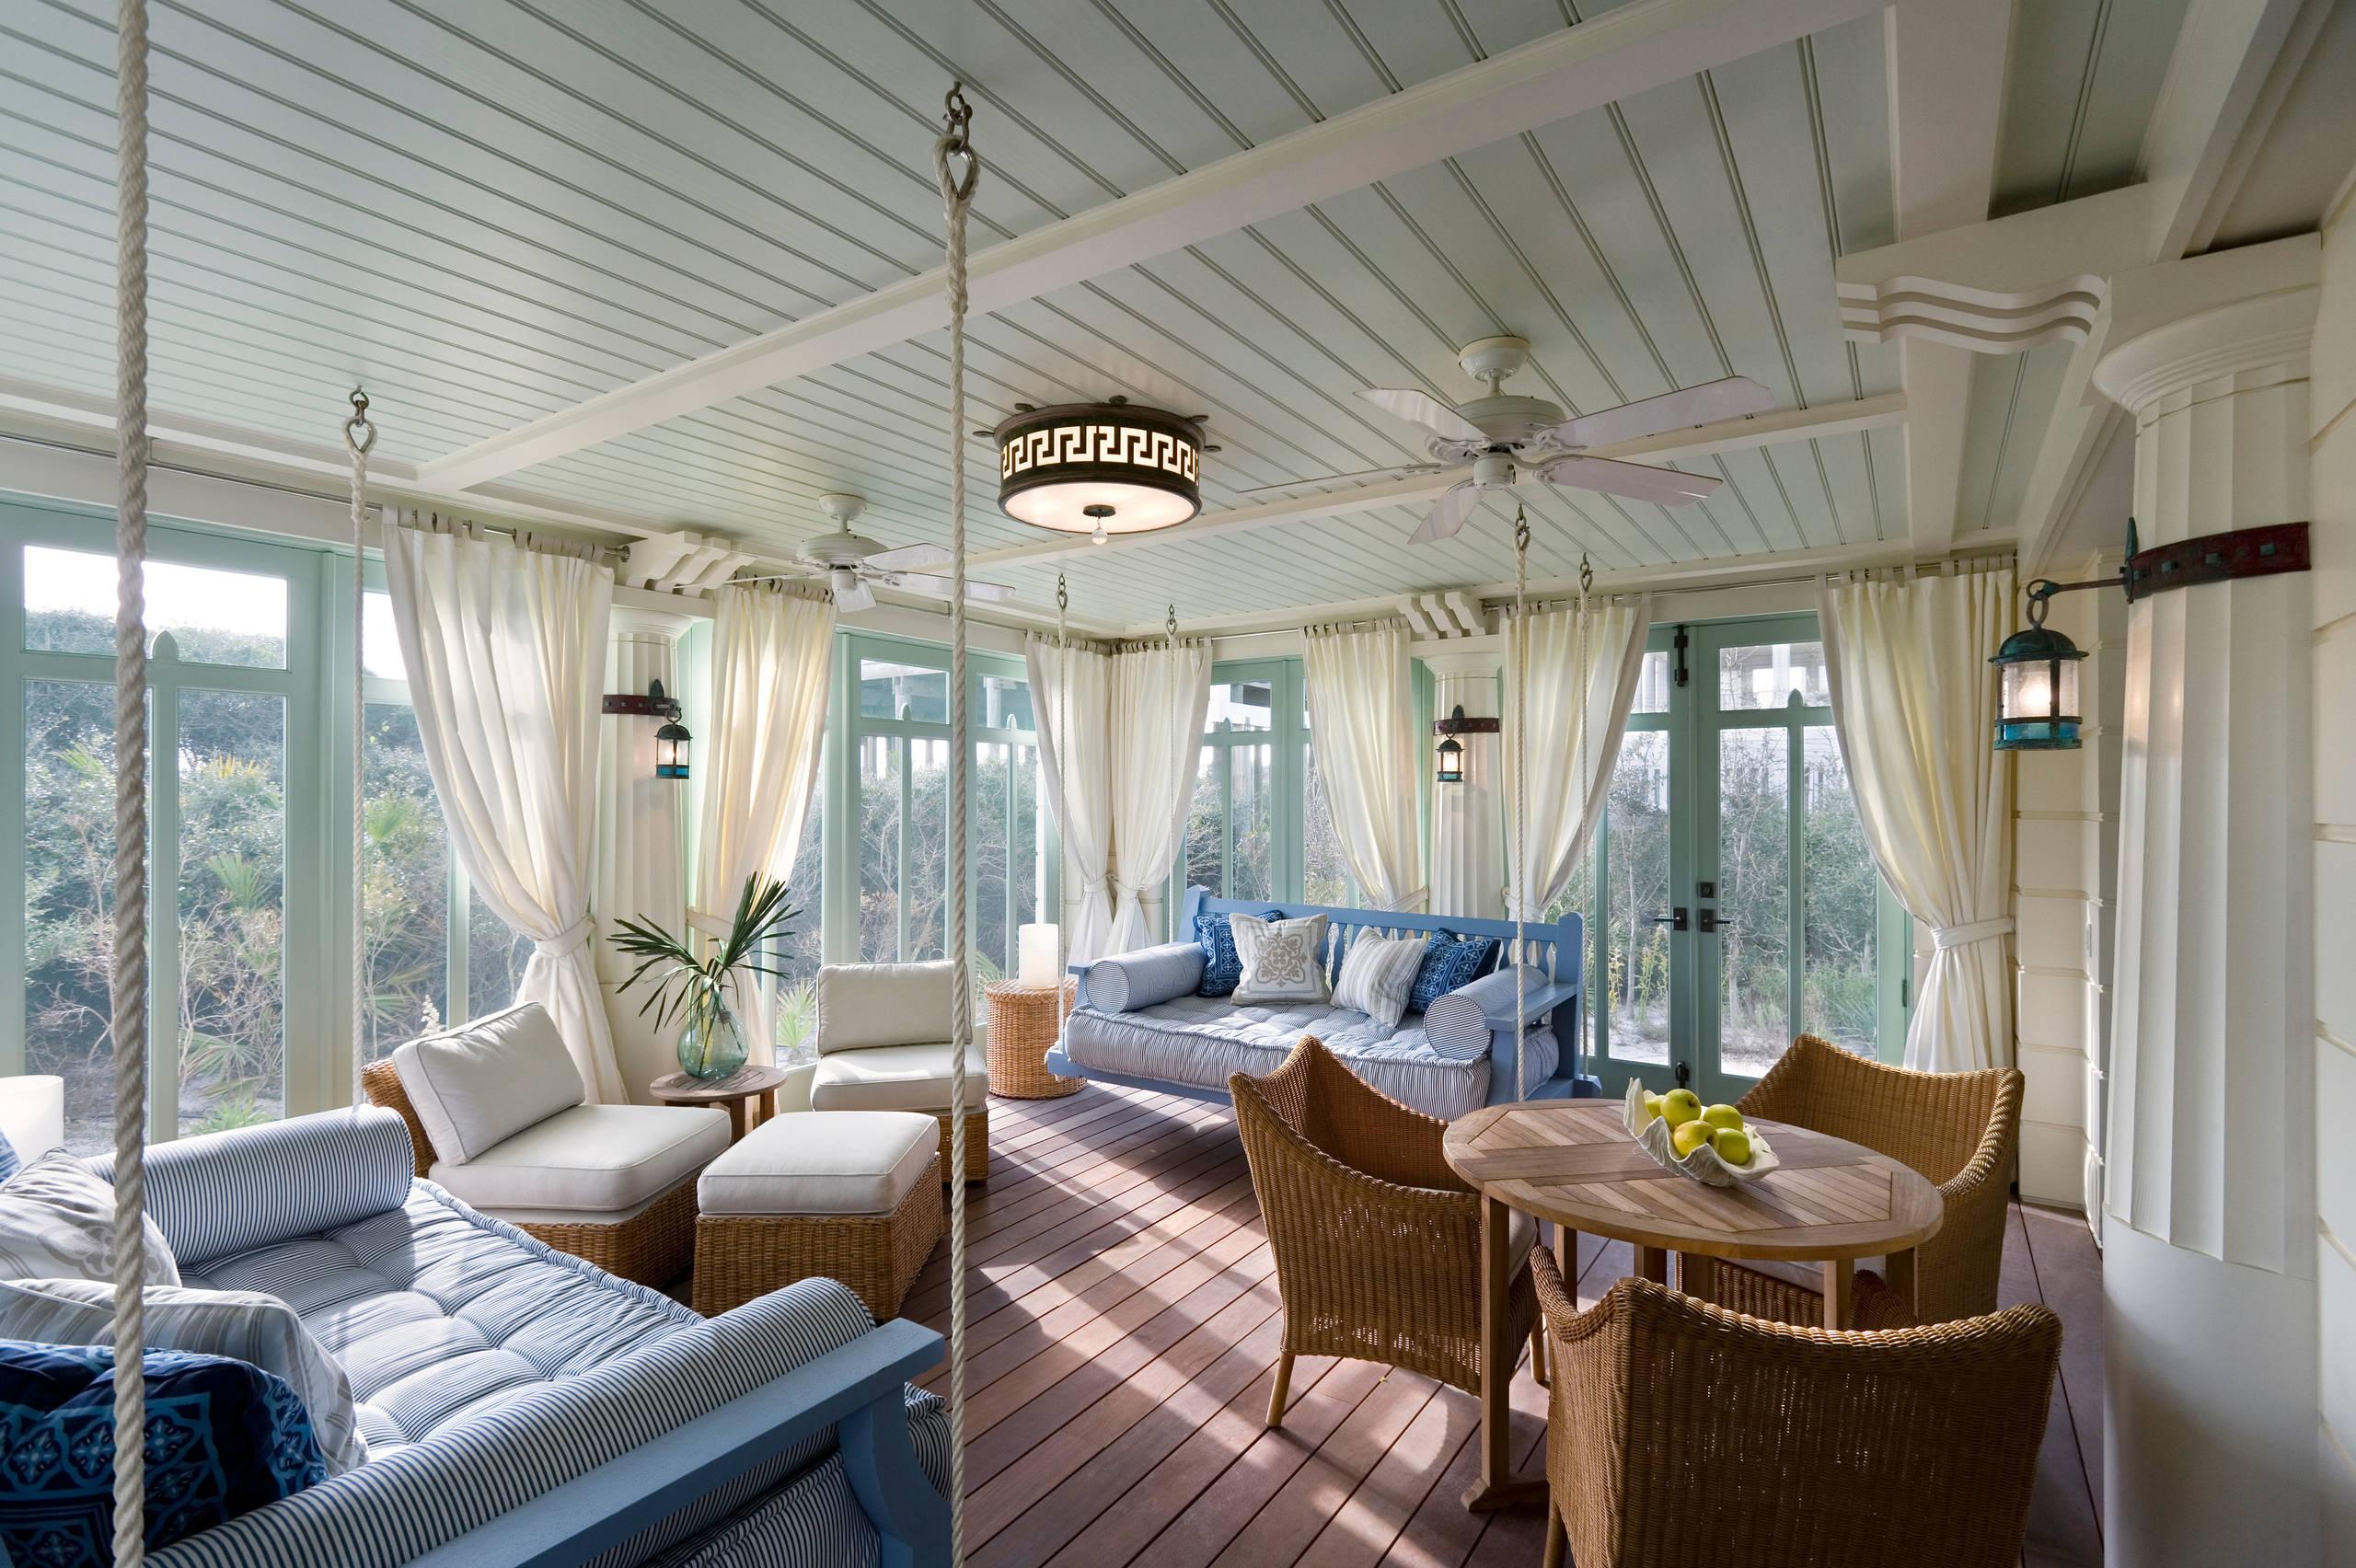 Indoor Patio Curtains